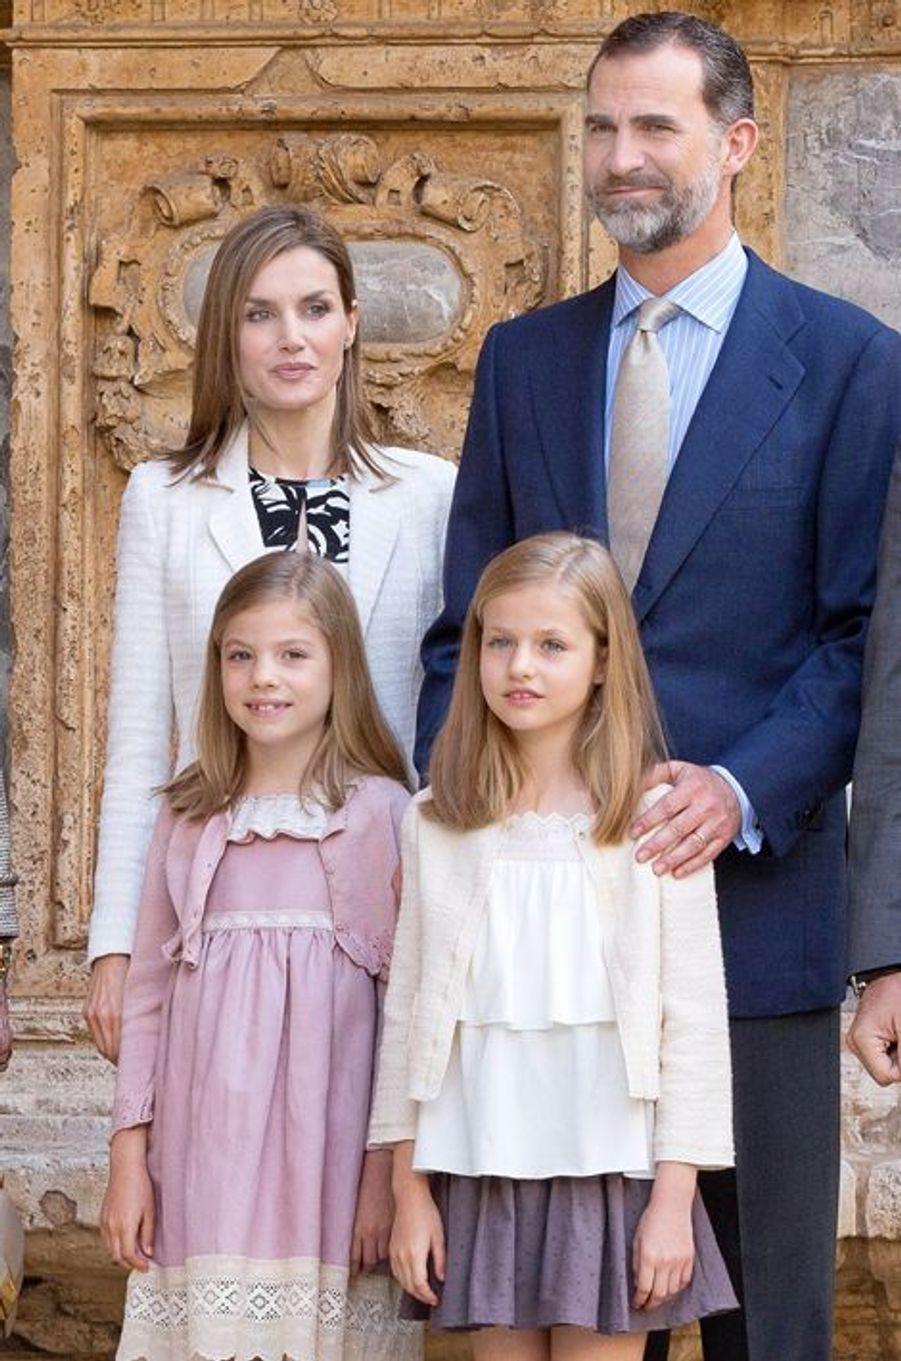 La reine Letizia et le roi Felipe VI d'Espagne avec les princesses Leonor et Sofia à Palma de Majorque, le 5 avril 2015